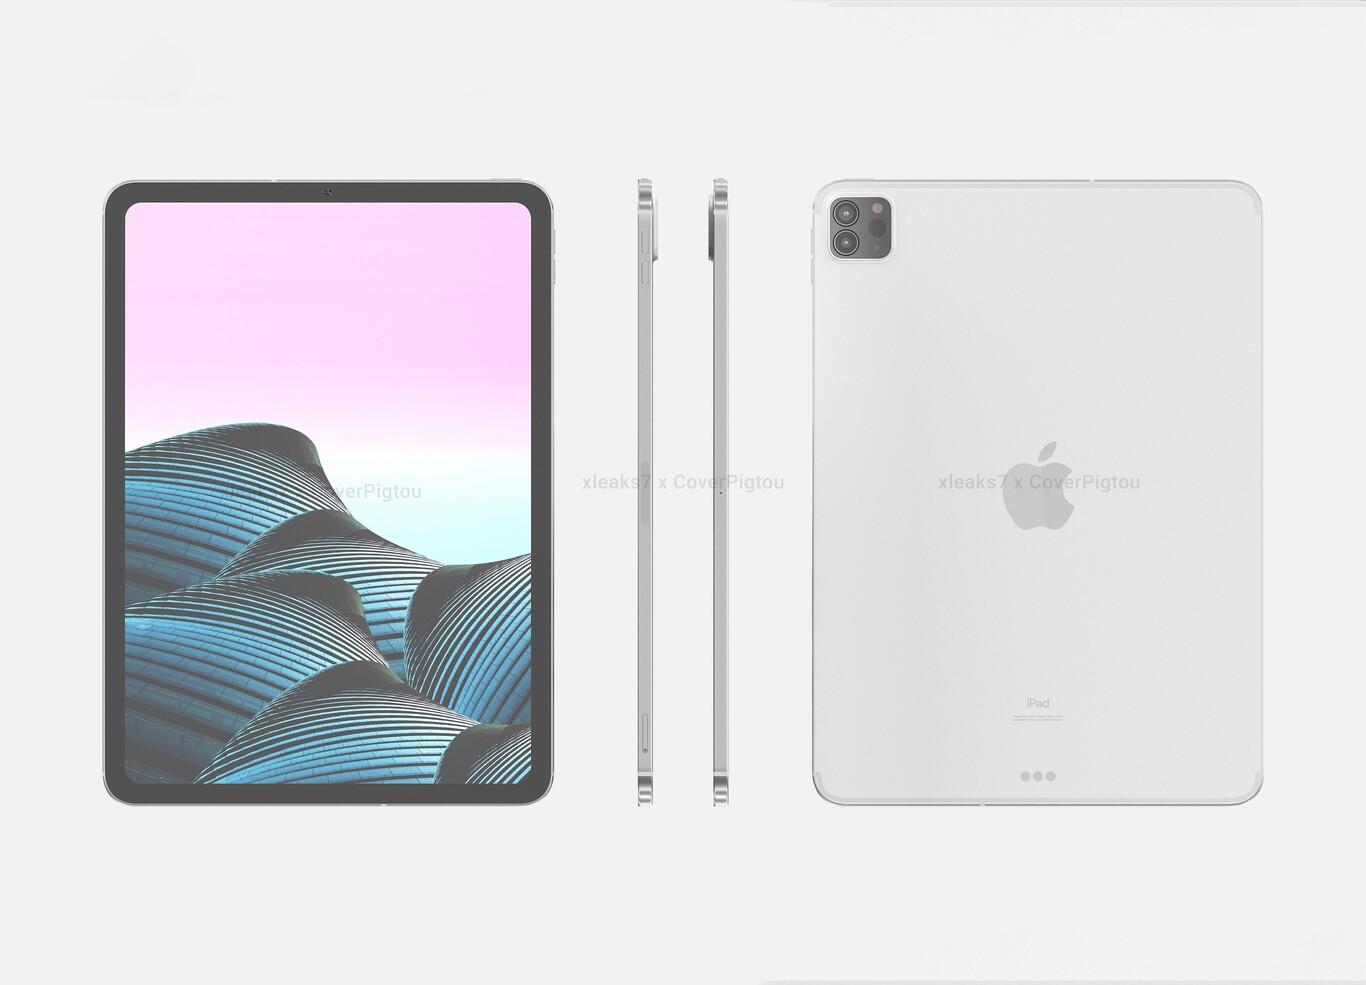 El iPad Pro (2021) se filtra en renders con un diseño casi calcado al modelo actual, según David Kowalski